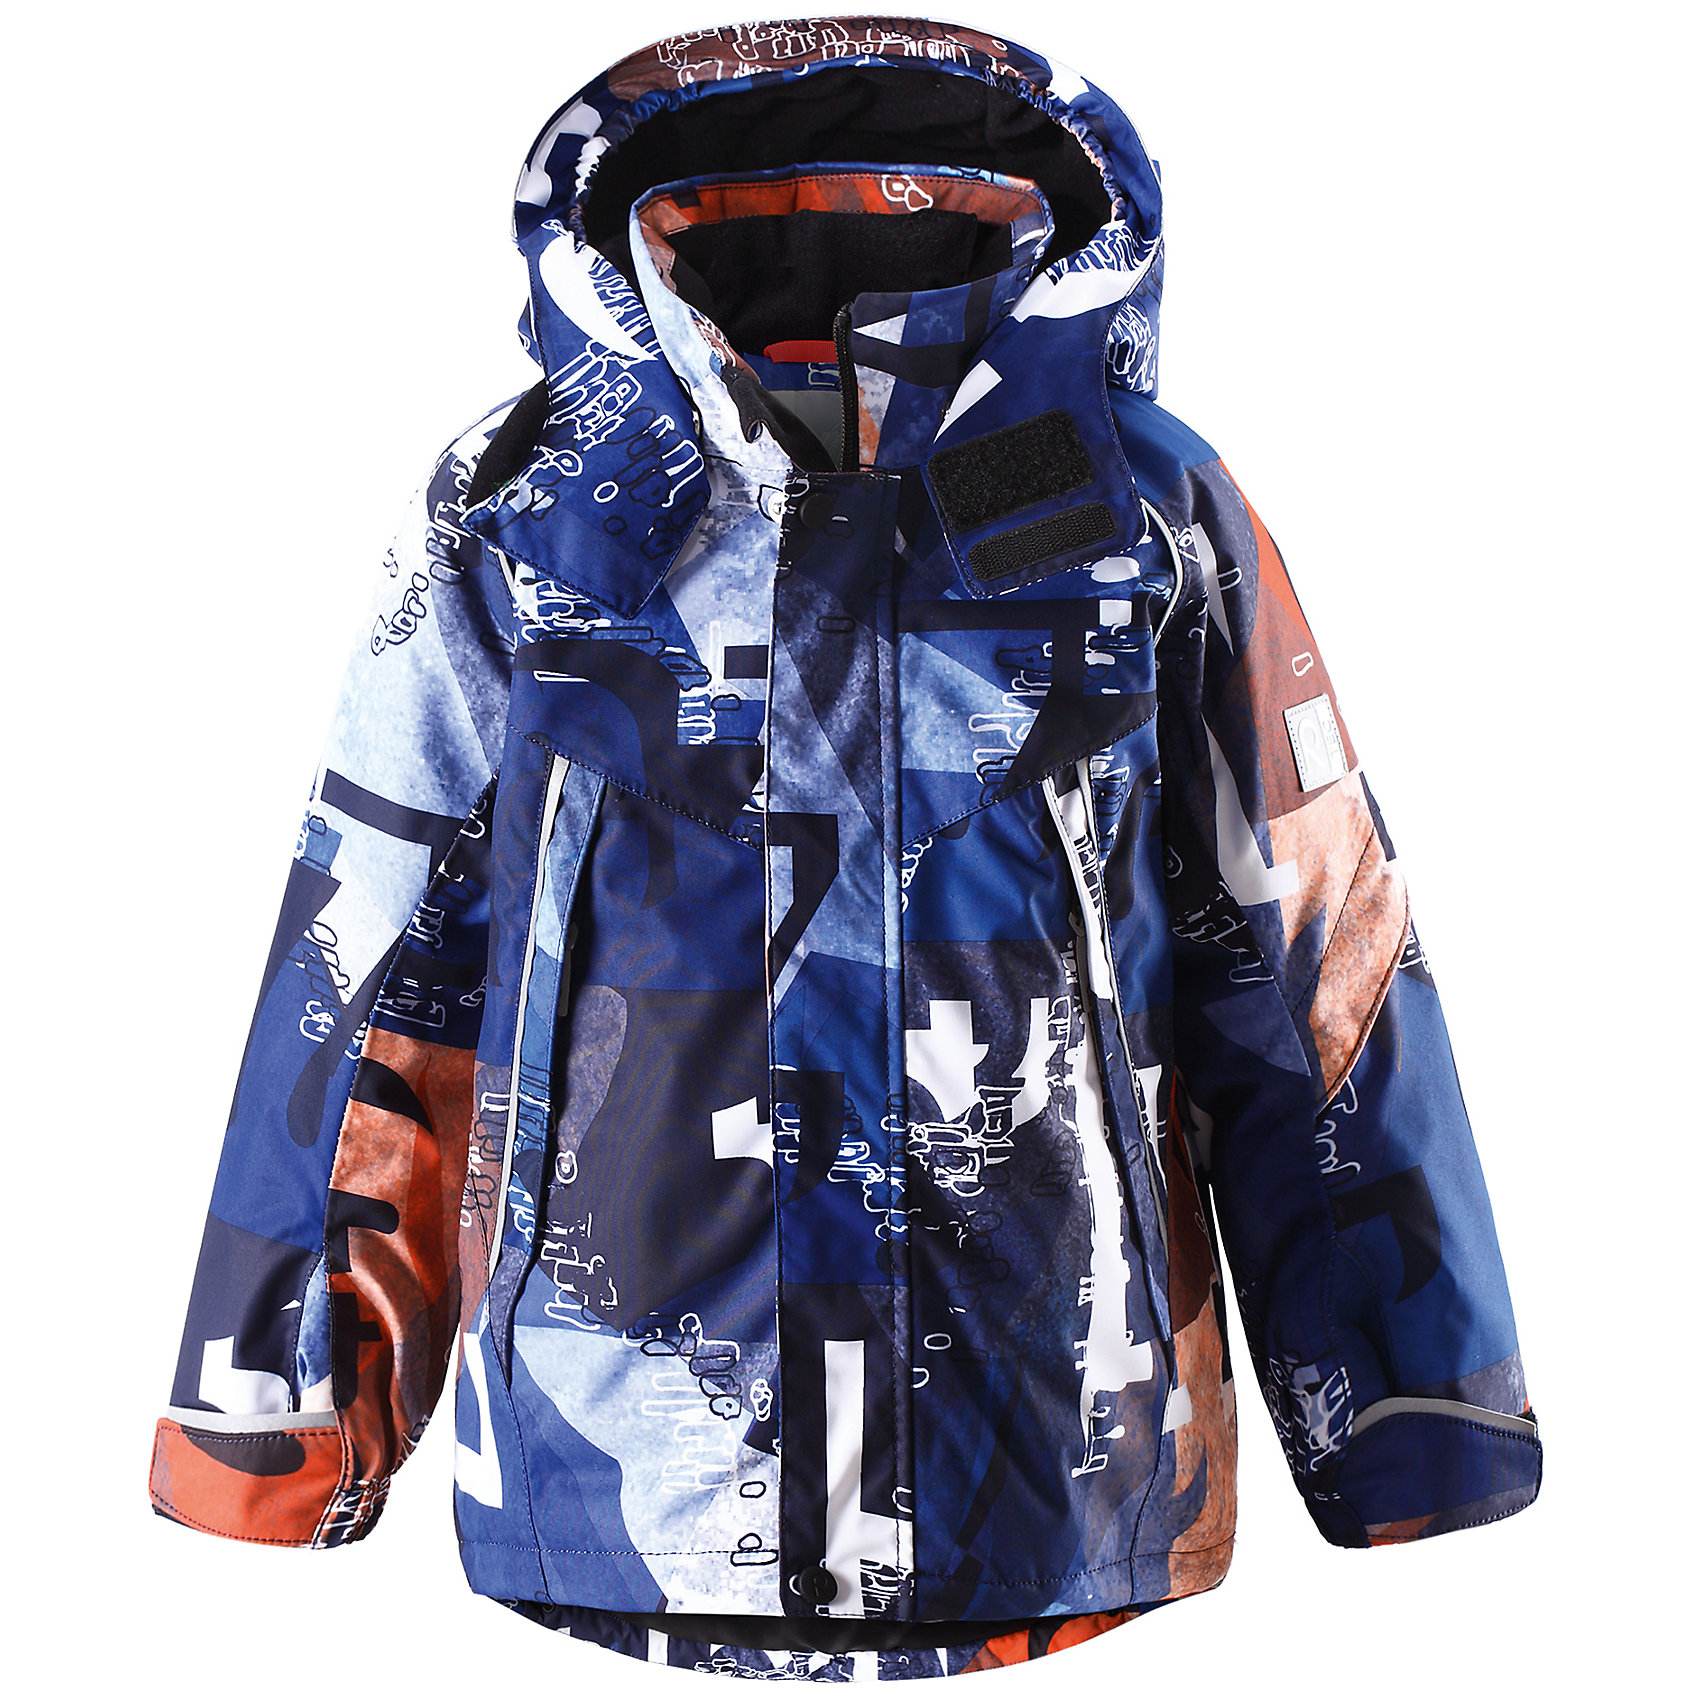 Куртка Reimatec для мальчика ReimaВодоотталкивающая функциональная куртка - обязательная деталь гардероба каждого маленького энтузиаста, независимо от того, куда он идет, в школу и кататься на горку! Зимняя куртка Reimatec® изготовлена ??из полностью водонепроницаемого материала. Ветронепроницаемый, но дышащий материал обеспечивает комфорт и не позволяет ребенку вспотеть во время продолжительного отдыха на открытом воздухе. Водо- и грязеотталкивающая поверхность и проклеенные швы предотвращают попадание воды и грязи. Гладкая подкладка из полиэстера позволяет легко надевать куртку. Обратите внимание, что куртка оснащена специальными кнопками Play Layers®, что позволяет пристегивать к ней промежуточный слой Reima® для дополнительного тепла и комфорта. На капюшоне имеется клапан, защищающий шею от ветра, и козырек, обеспечивающий видимость ребенка в темноте. Куртка регулируется на талии для хорошей посадки, манжеты регулируются с помощью липучки. Кроме карманов на молнии, на куртке имеется внутренний нагрудный карман и карман на рукаве для хранения карточки лыжного клуба. Модный красочный принт привлечет внимание днем, а светоотражающие детали не позволят куртке остаться незамеченной в темноте! Проста в уходе, можно сушить в центрифуге.<br><br>Дополнительная информация:<br><br>Средняя степень утепления (до - 20)<br>Утеплитель: 160 г<br>Водонепроницаемая зимняя куртка для детей постарше, модель для мальчиков<br>Все швы проклеены, водонепроницаемы<br>Безопасный съемный капюшон со светоотражающим козырьком<br>На рукаве карман для карты лыжного клуба<br>Два кармана на молниях<br>Подол регулируется<br>Безопасные светоотражающие детали<br><br>Куртку Reimatec (Рейматек) для мальчика Reima (Рейма) можно купить в нашем магазине.<br><br>Ширина мм: 356<br>Глубина мм: 10<br>Высота мм: 245<br>Вес г: 519<br>Цвет: синий<br>Возраст от месяцев: 18<br>Возраст до месяцев: 24<br>Пол: Мужской<br>Возраст: Детский<br>Размер: 92,104,116,122,110,128,140,134,98<br>SKU: 4412999